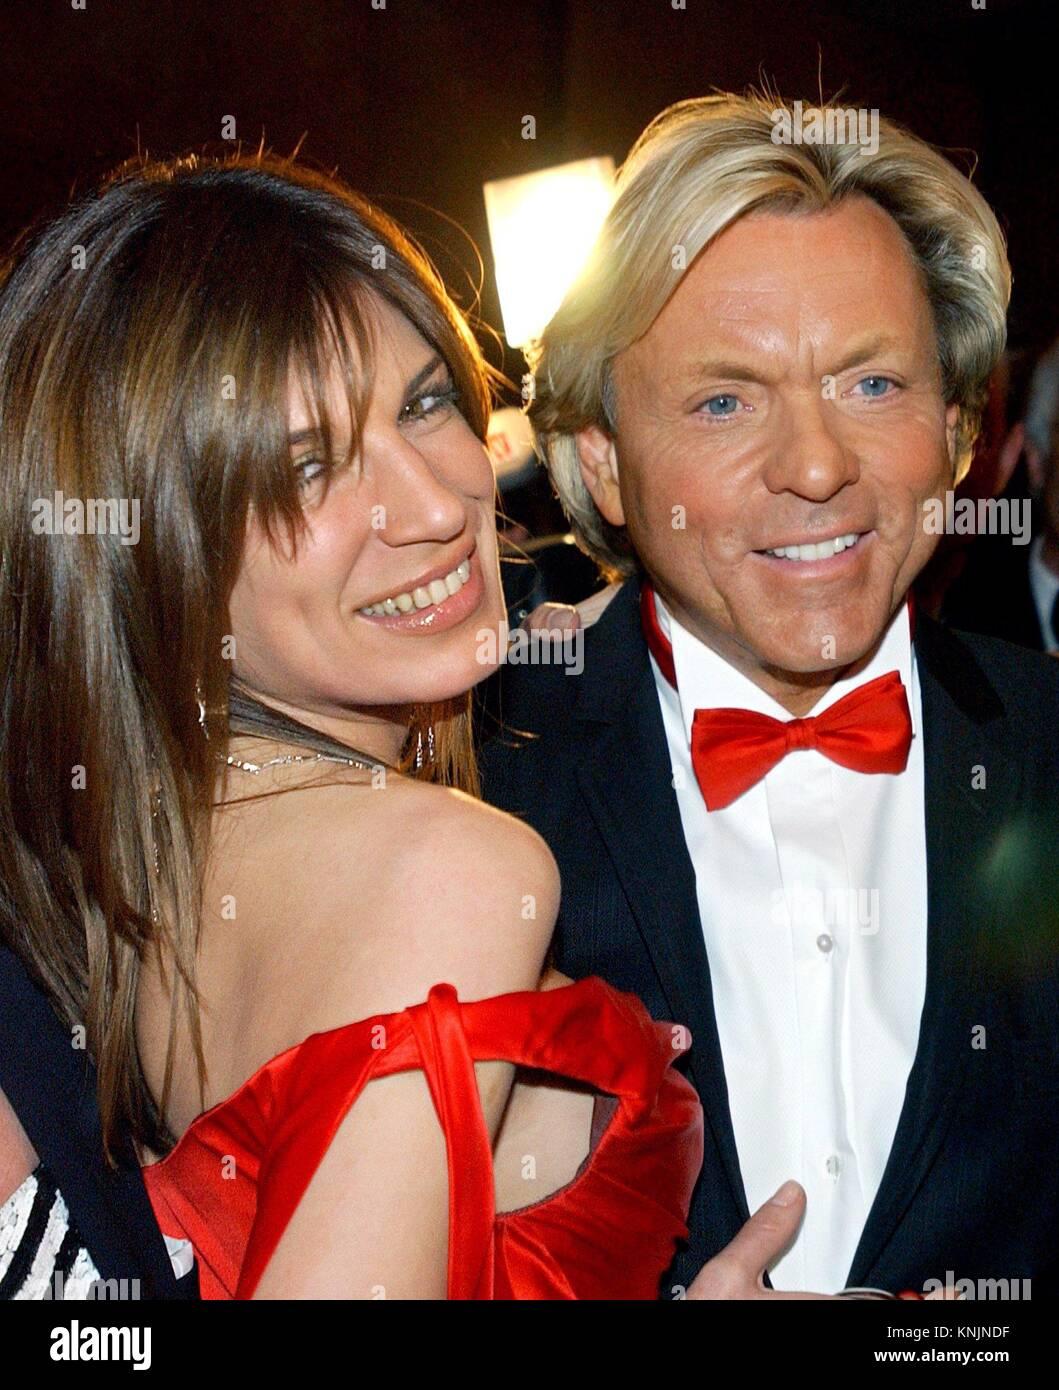 Archiv - der Mode Unternehmer Otto Kern und seinem dann - Frau Dana (Daniela)  stellen gemeinsam auf der 21 Opern Ball in Frankfurt am Main, ... 5ad8d84767